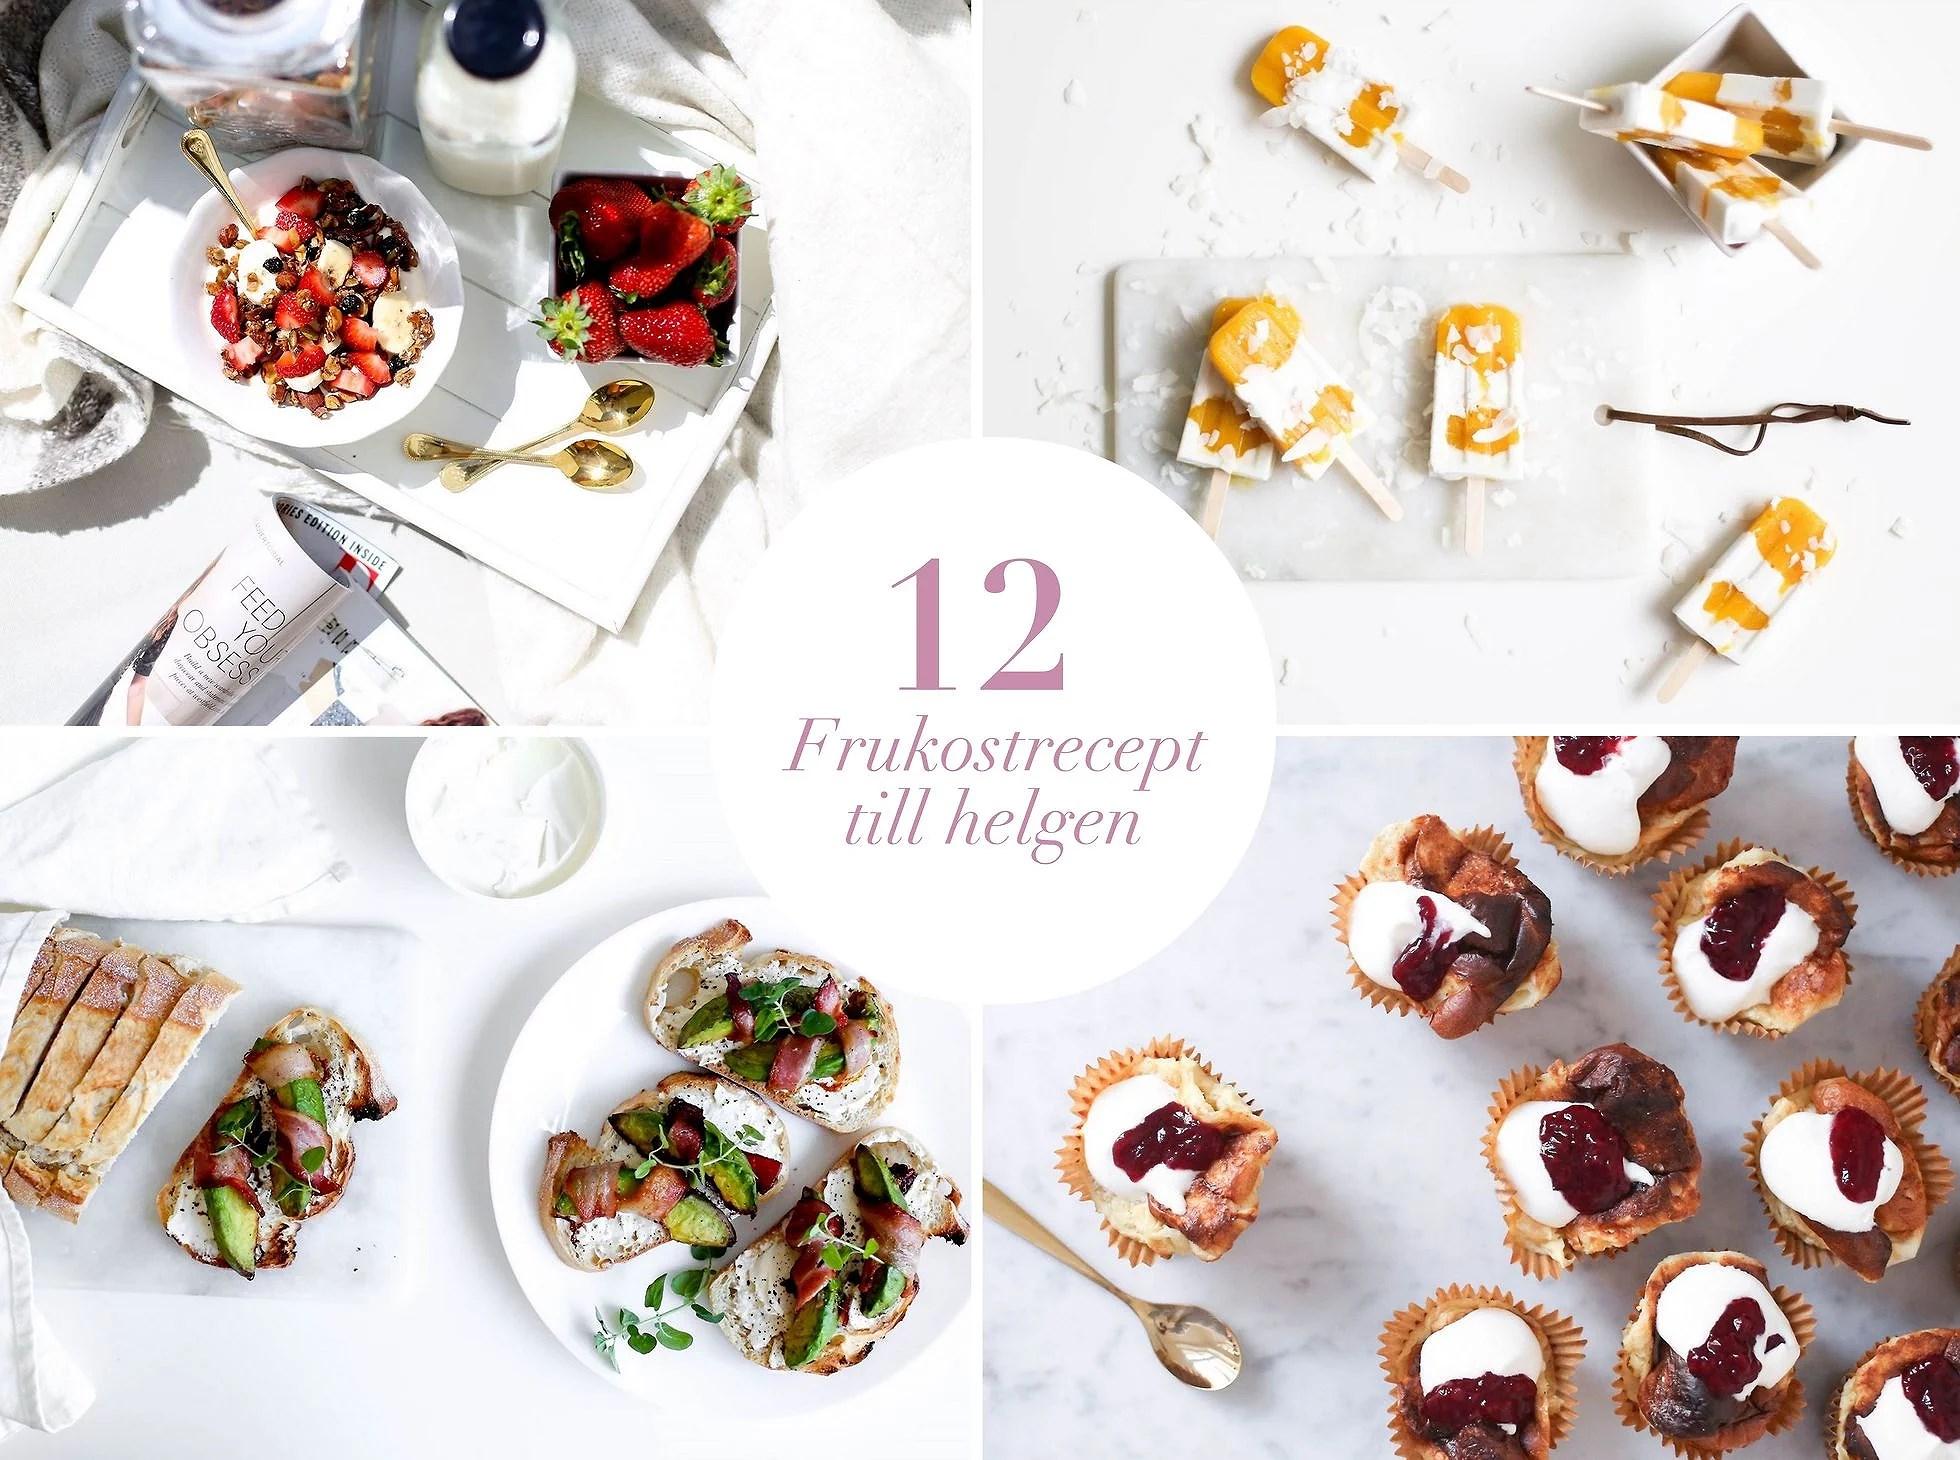 12 recept till helgfrukosten